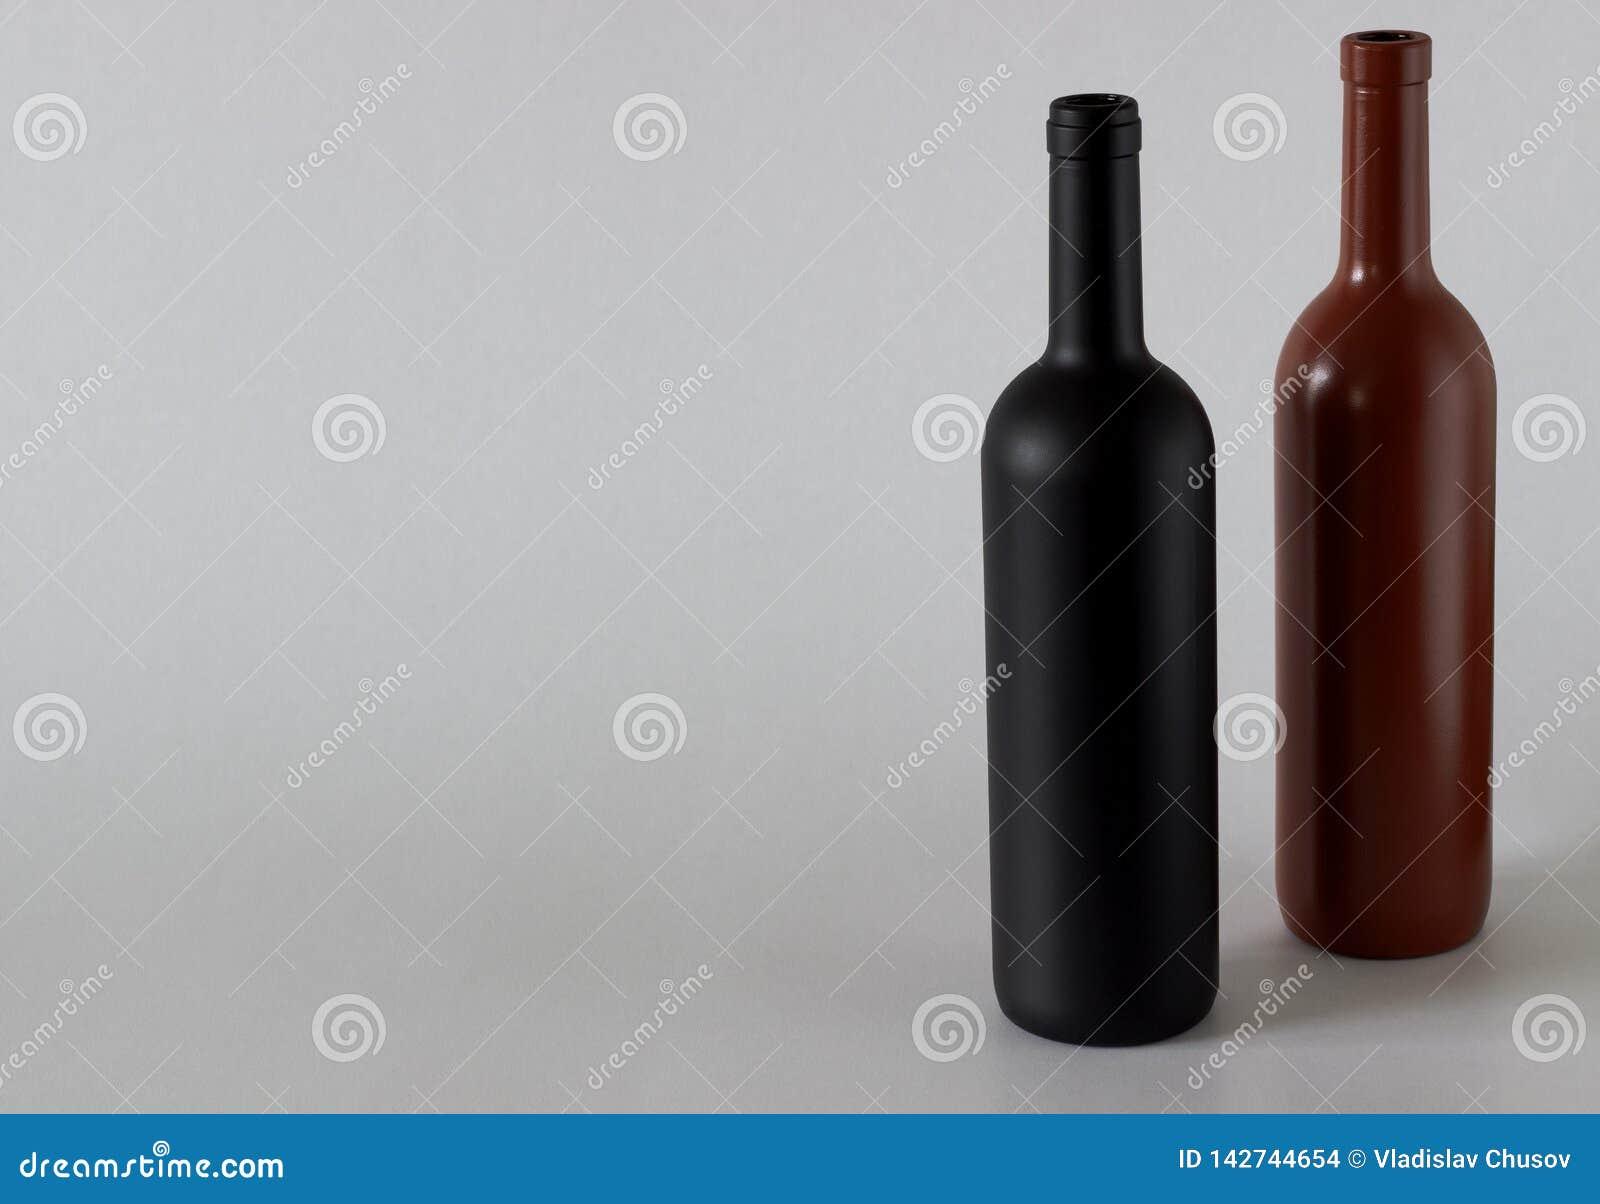 Δύο μπουκάλια του κρασιού μαύρος και κόκκινος σε ένα άσπρο υπόβαθρο